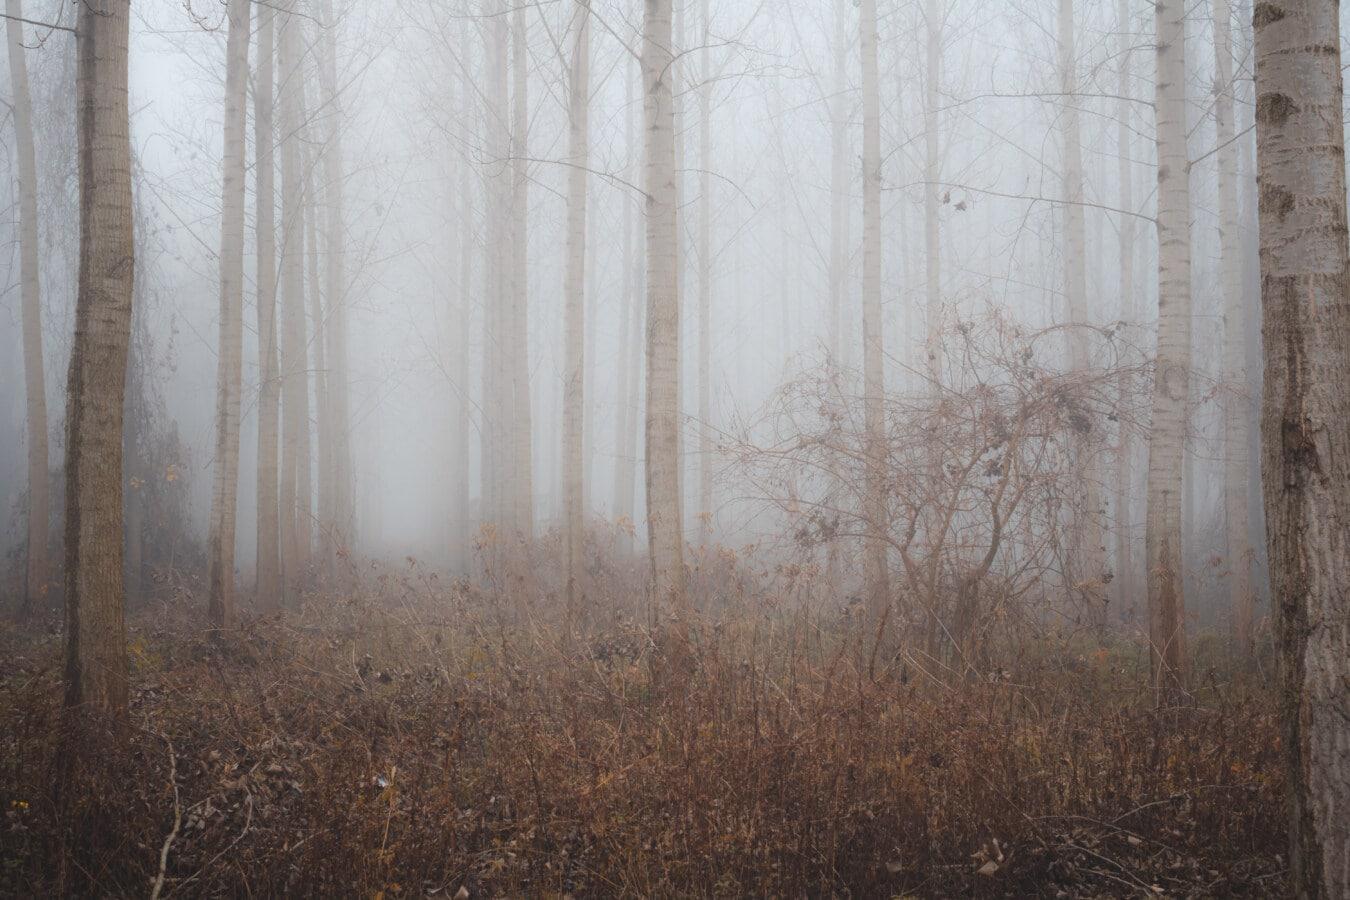 froide, matin, forêt, brumeux, saison de l'automne, aube, brouillard, bois, brume, sombre